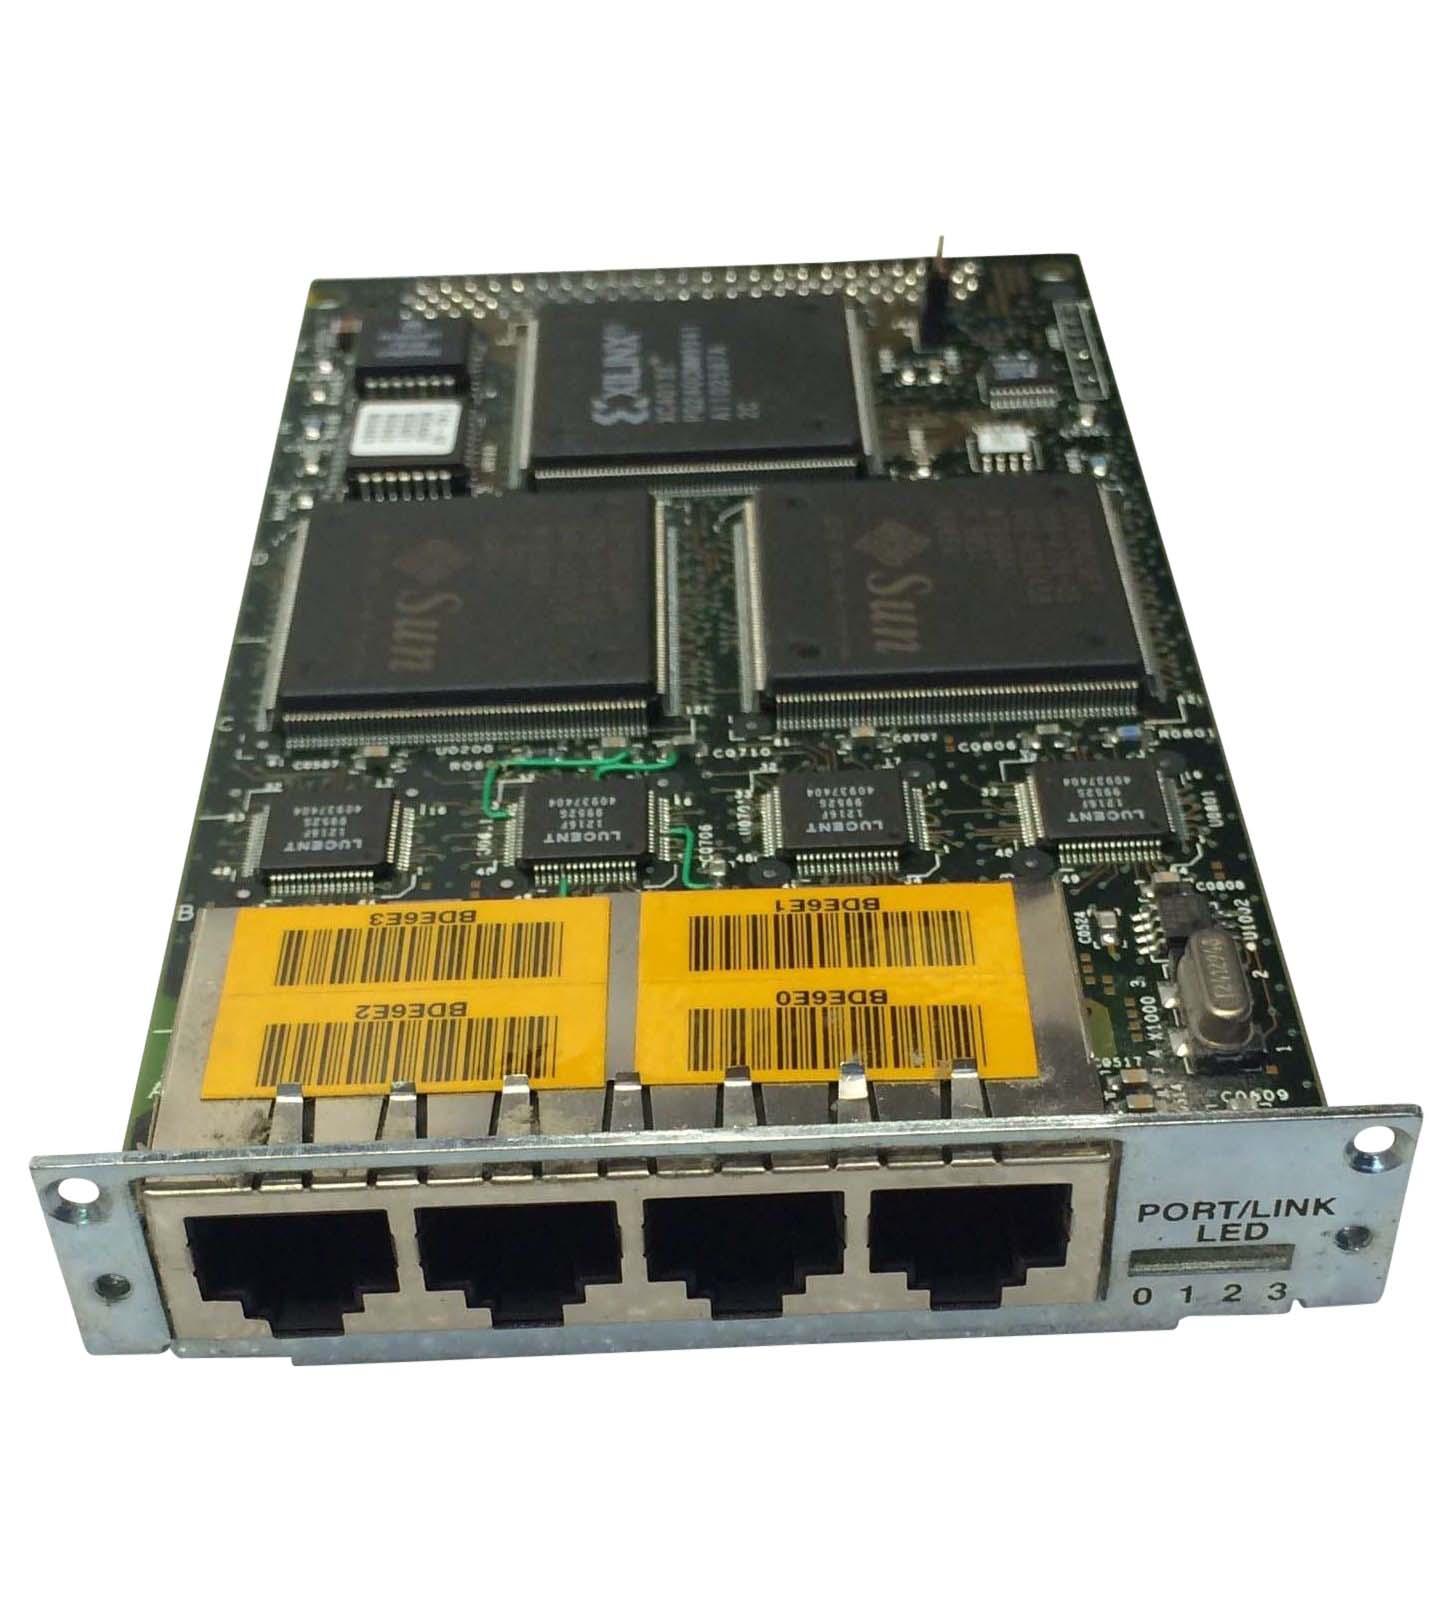 Sbus 100baset Quad Fast Ethernet Card 2.0 (p/n 501-5443)